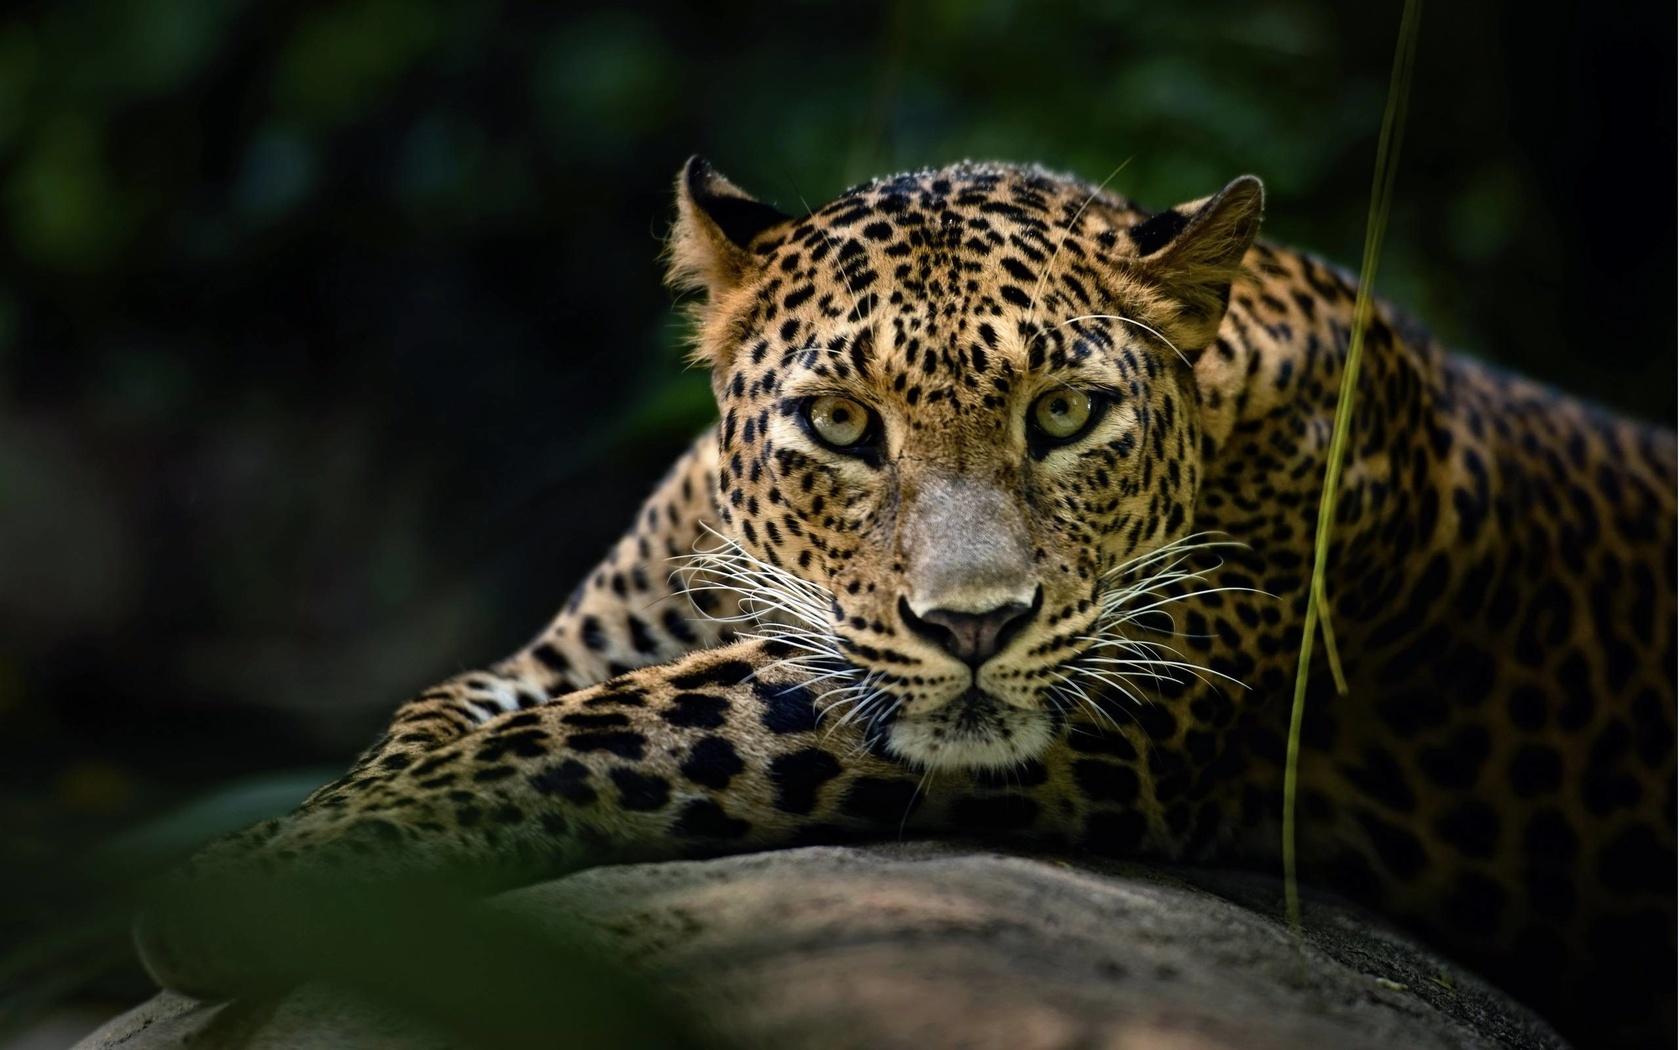 леопард, хищник, животные, дикая кошка